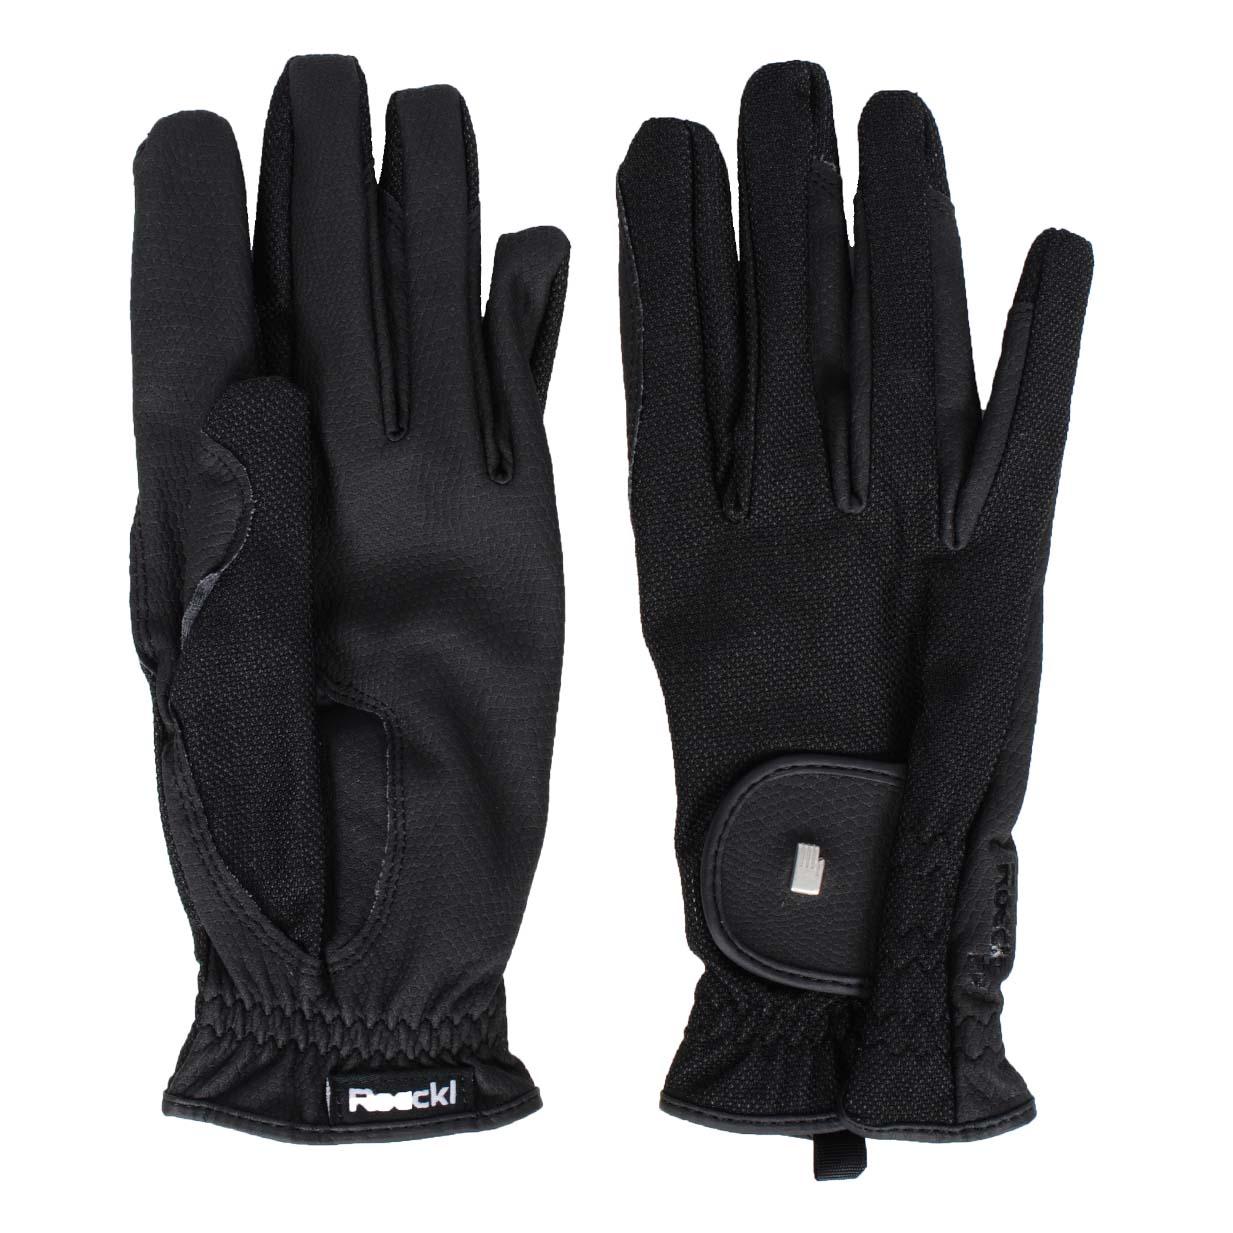 Roeckl Roeck Grip Lite handschoenen zwart maat:9